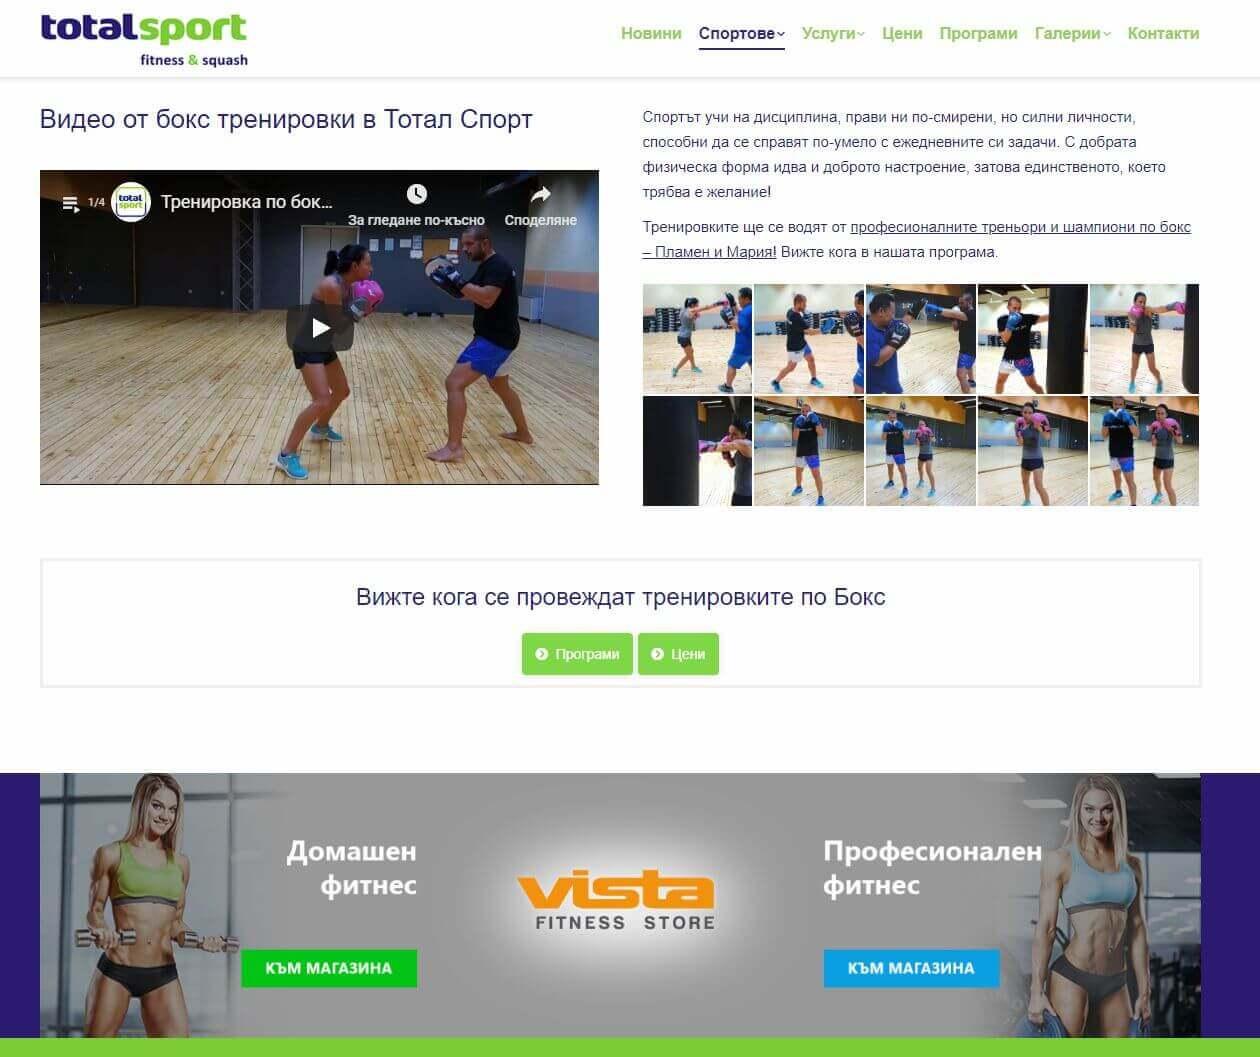 Ефектни графики и уникално уеб съдържание - рекламна агенция Медия Дизайн